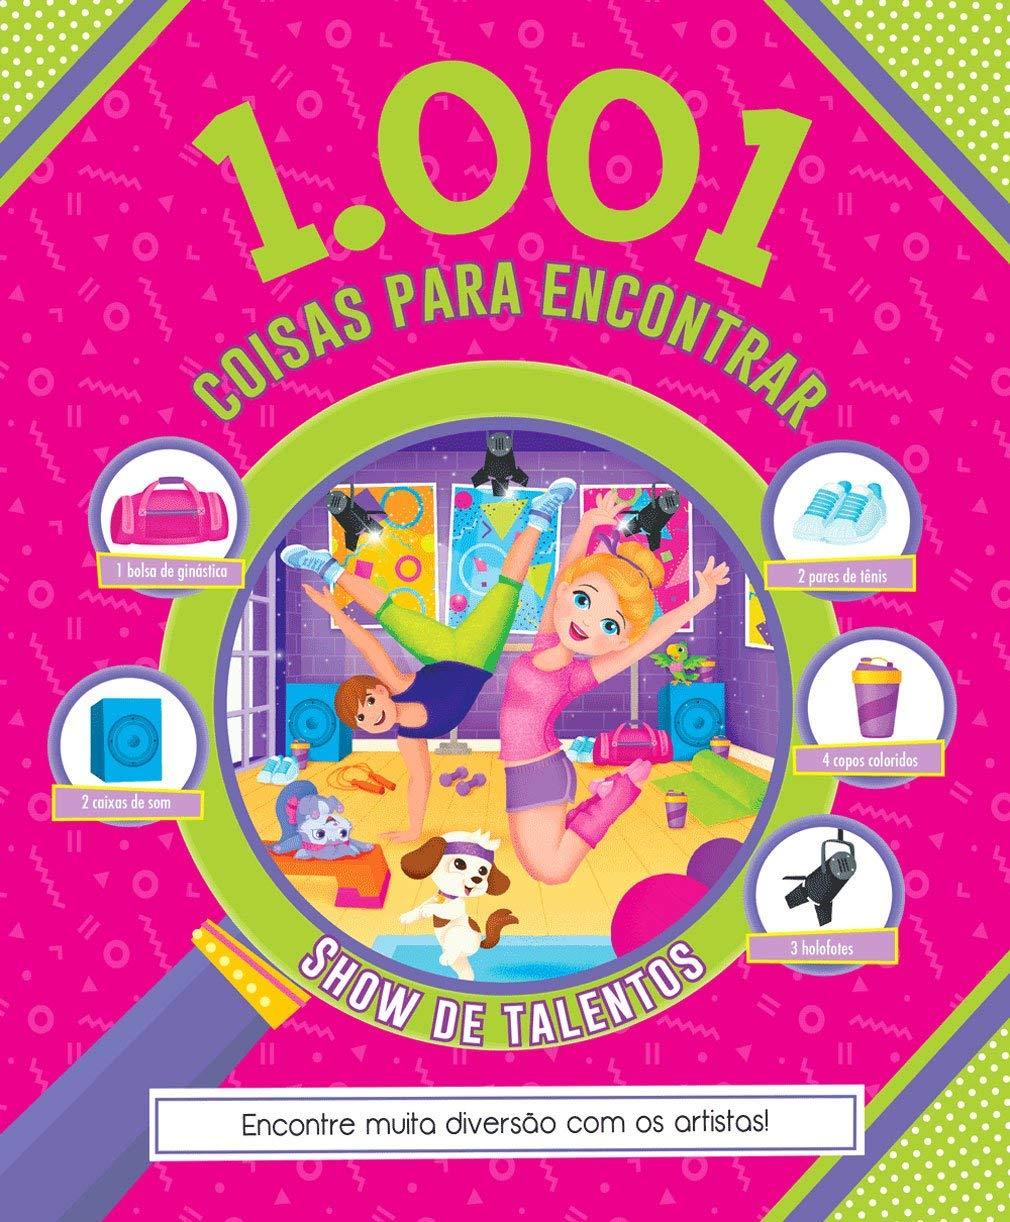 1001 COISAS PARA ENCONTRAR - SHOW DE TALENTOS